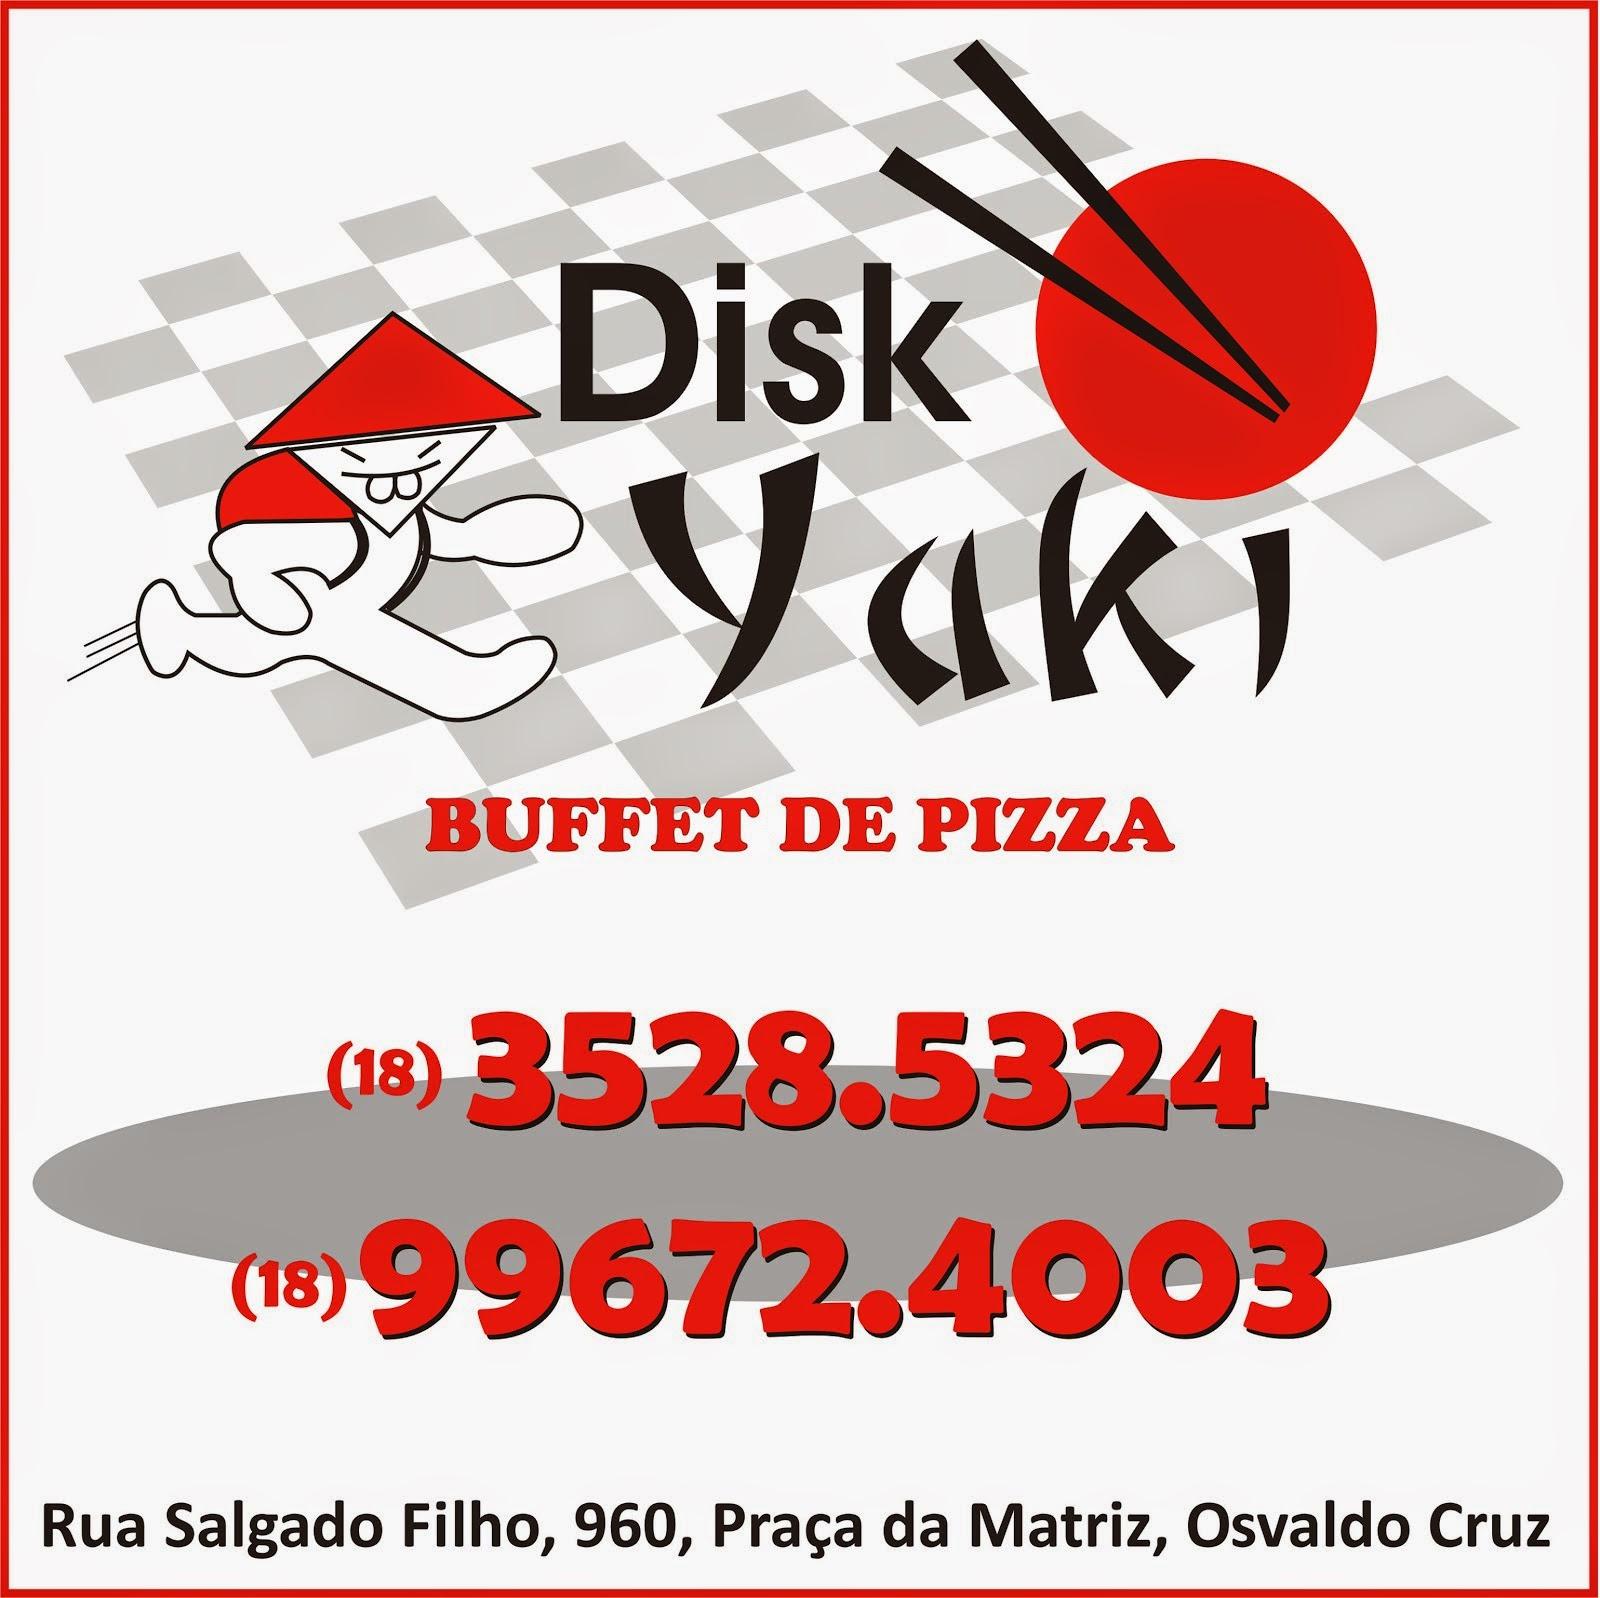 Disk Yaki